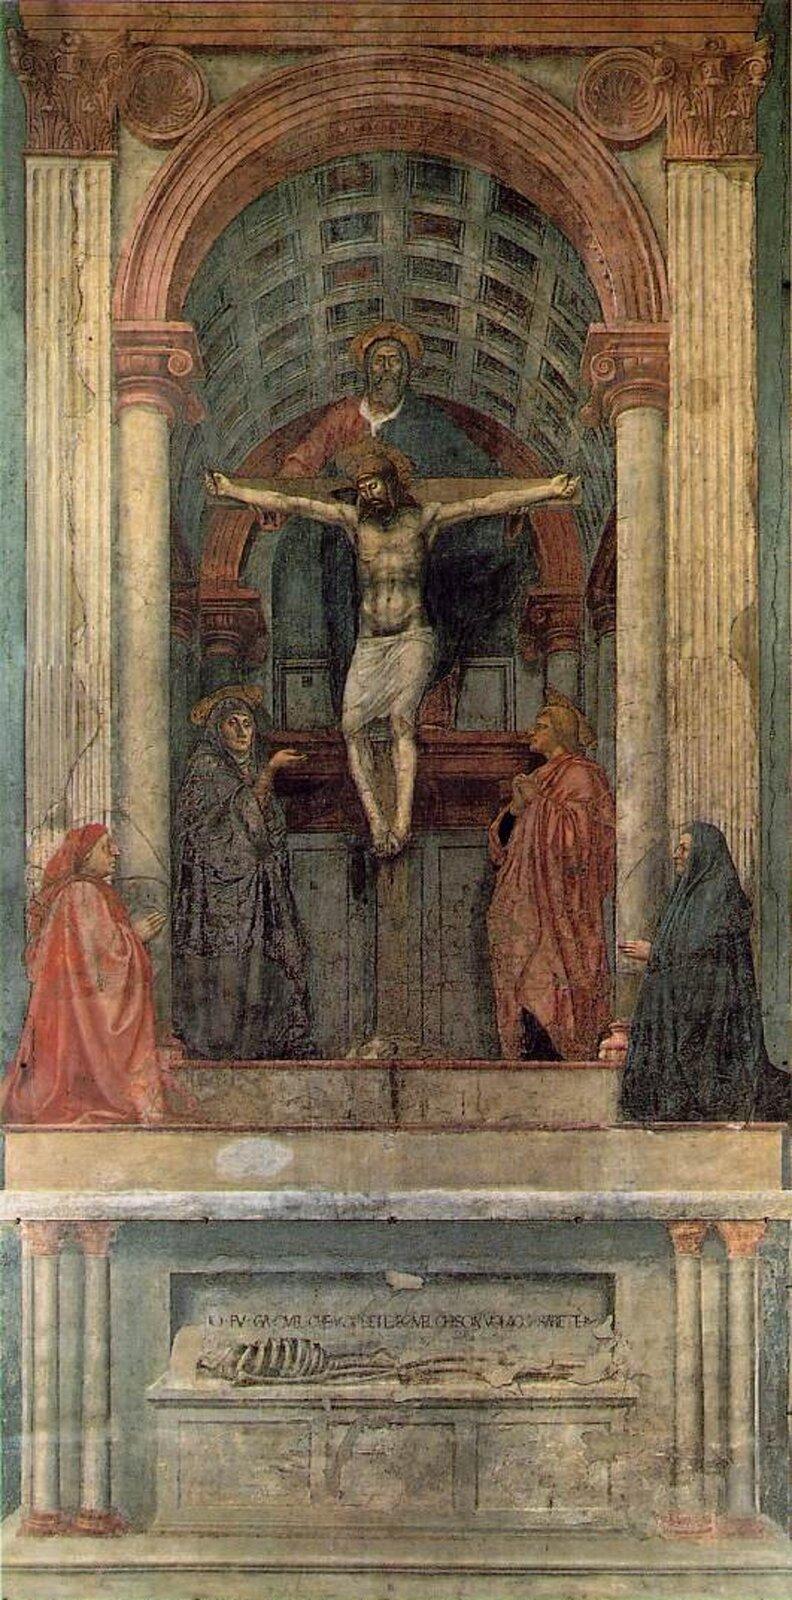 """Ilustracja przedstawia obraz pt. """"Trójca Święta"""" autorstwa Masaccio. Obraz powstał około 1425 roku. Wcentralnym punkcie znajduje się ukrzyżowany Jezus Chrystus. Nad mężczyzną znajduje się postać Boga Ojca. Pomiędzy nimi widzimy Ducha Świętego wpostaci gołębicy. Po obu stronach Jezusa możemy dostrzec Marię oraz św. Jana. Poniżej sceny został przedstawiony sarkofag, który sprawia wrażenie, że scena odbywa się wkaplicy. Na sarkofagu widzimy szkielet Adama."""